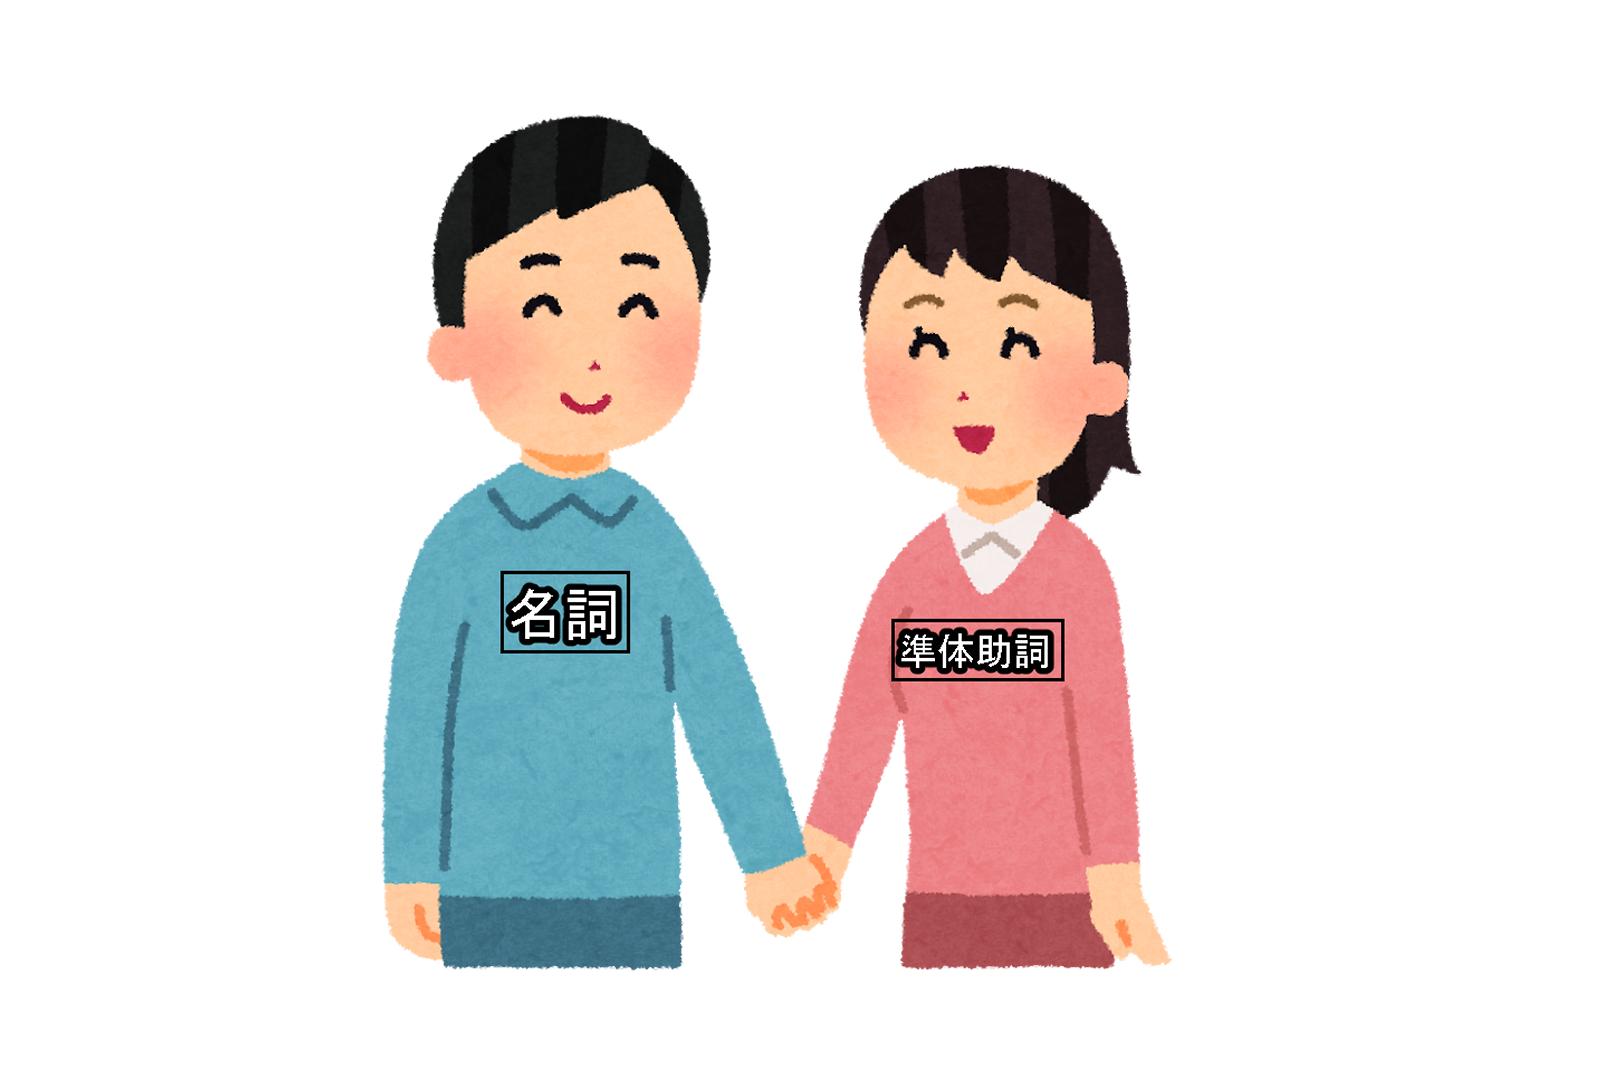 準体助詞の「の」とは?語に接続して名詞として働く助詞 – 日本語 ...